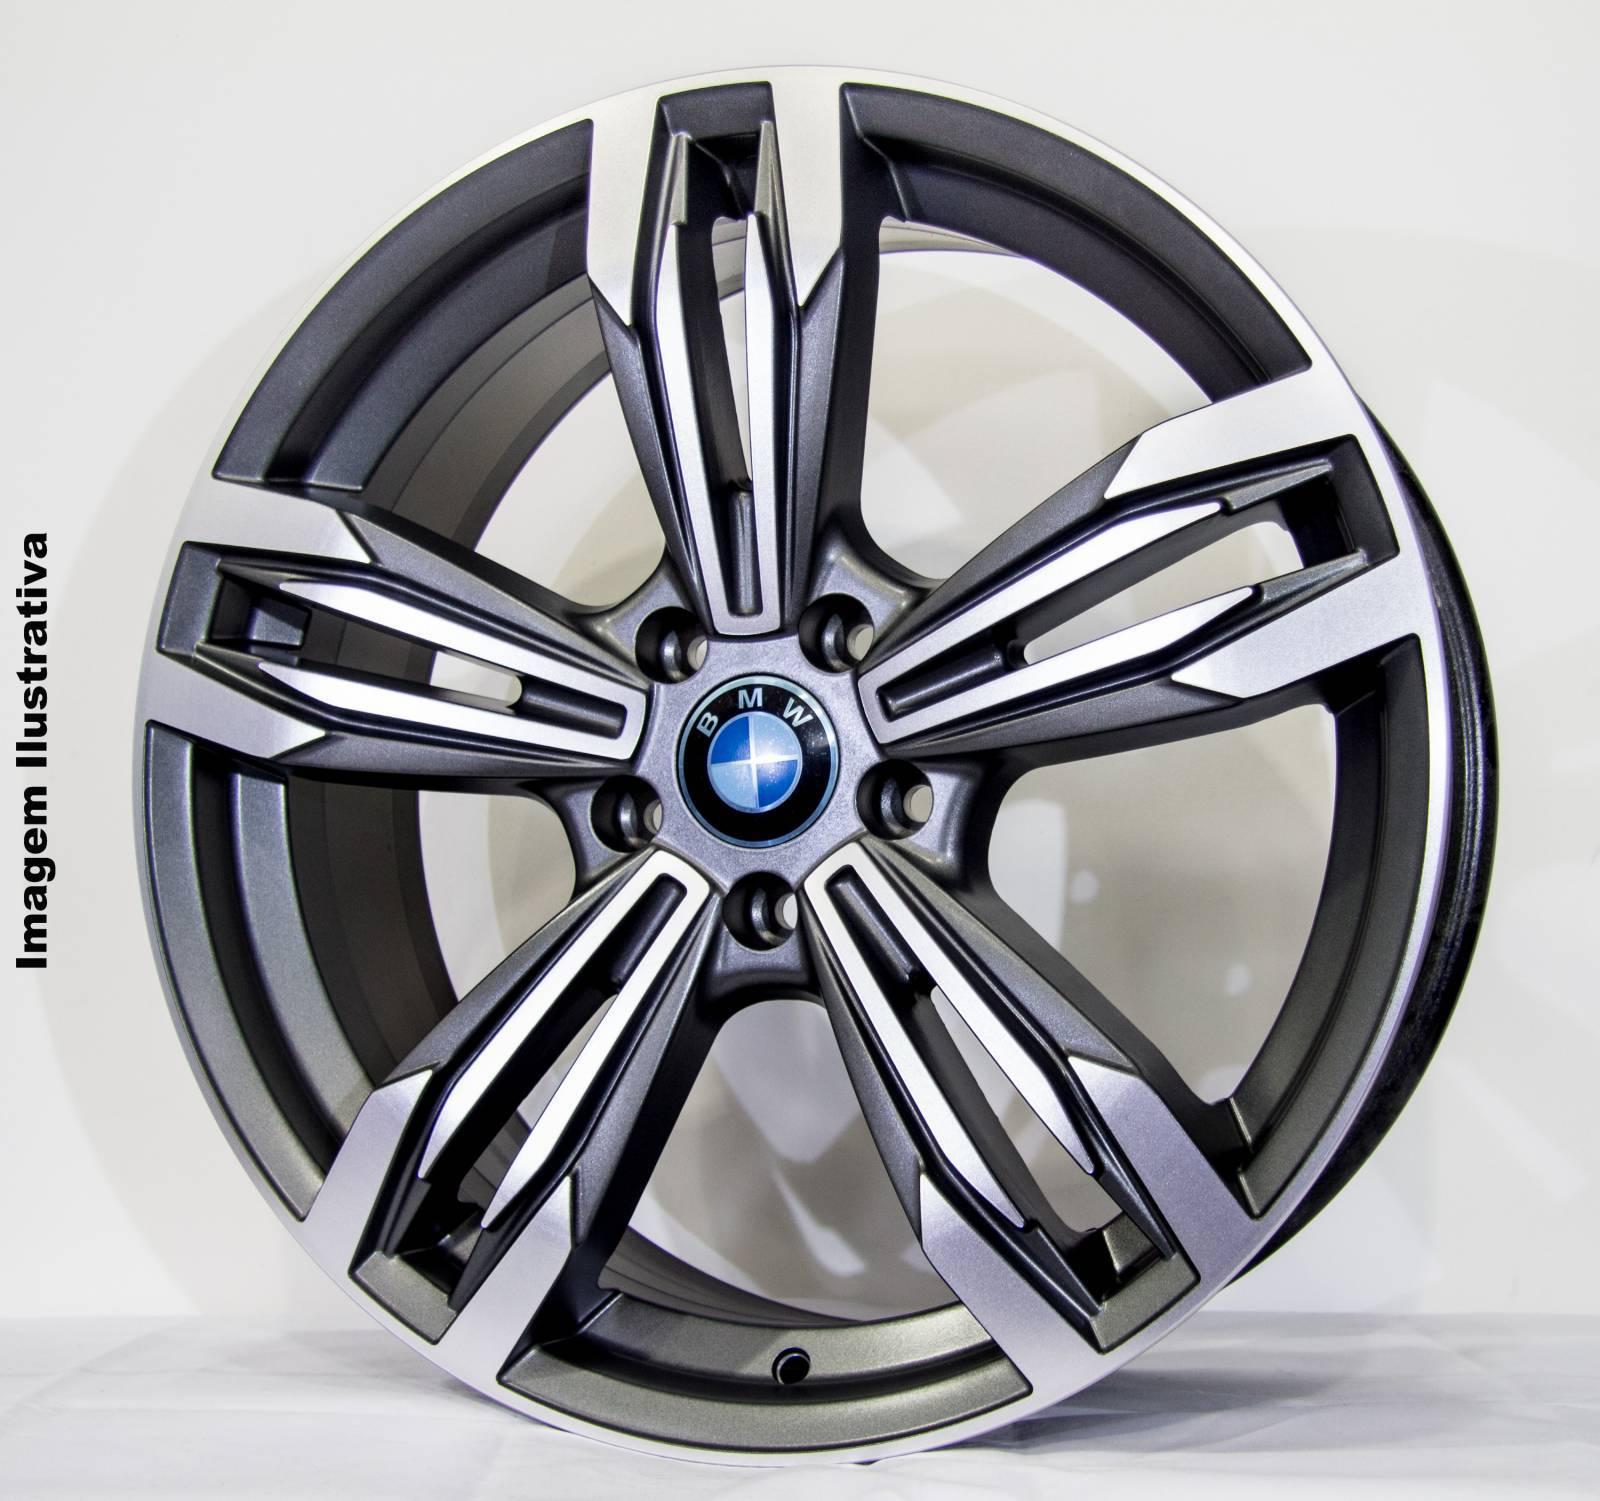 Jogo de Roda BMW M6 Aro 20 R56